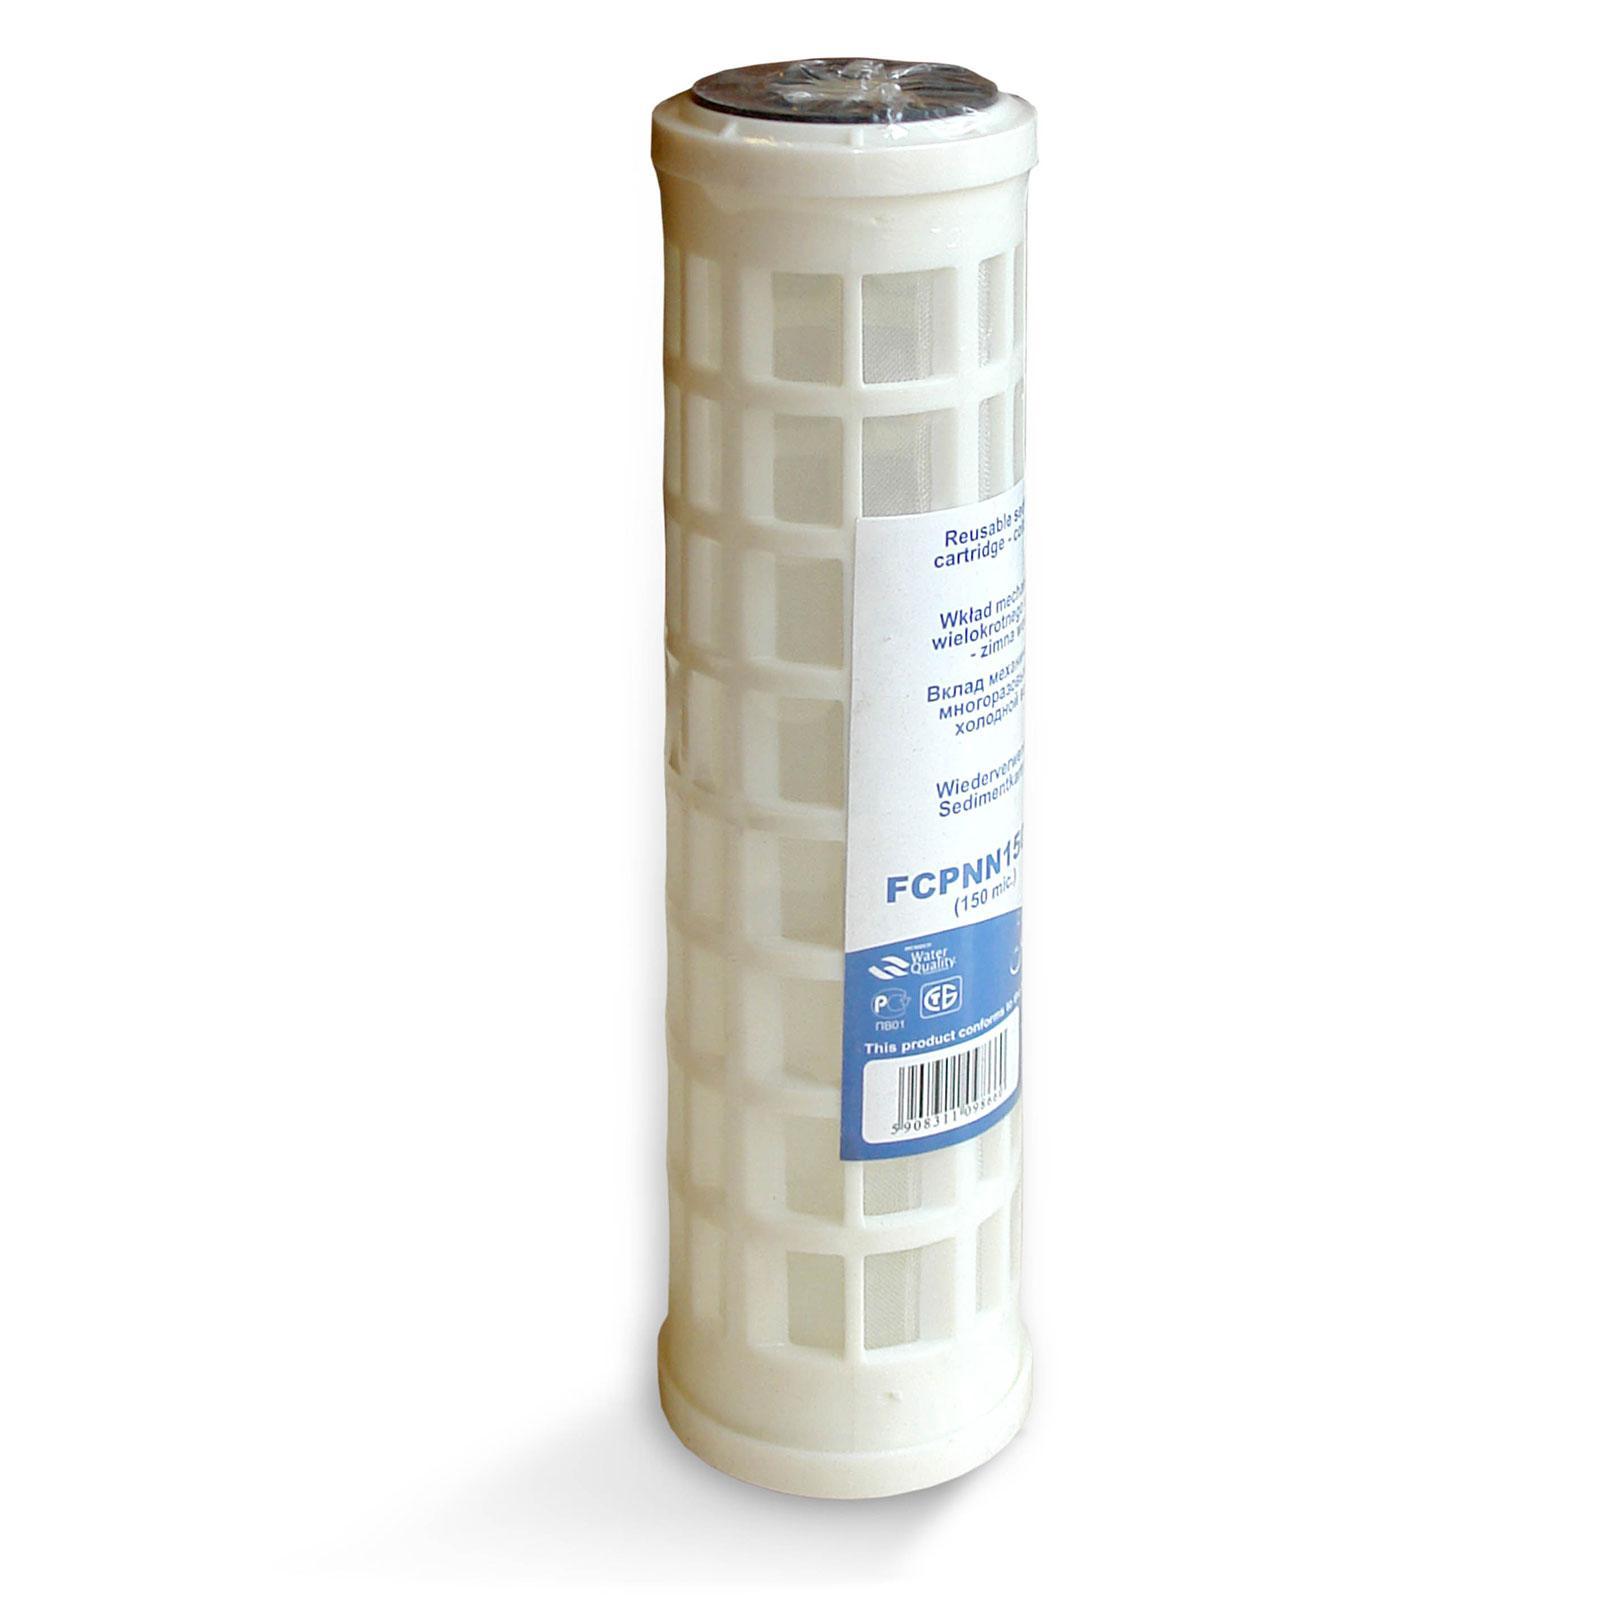 Vorfiltereinsatz, Nylon 50 Mikron, auswaschbar